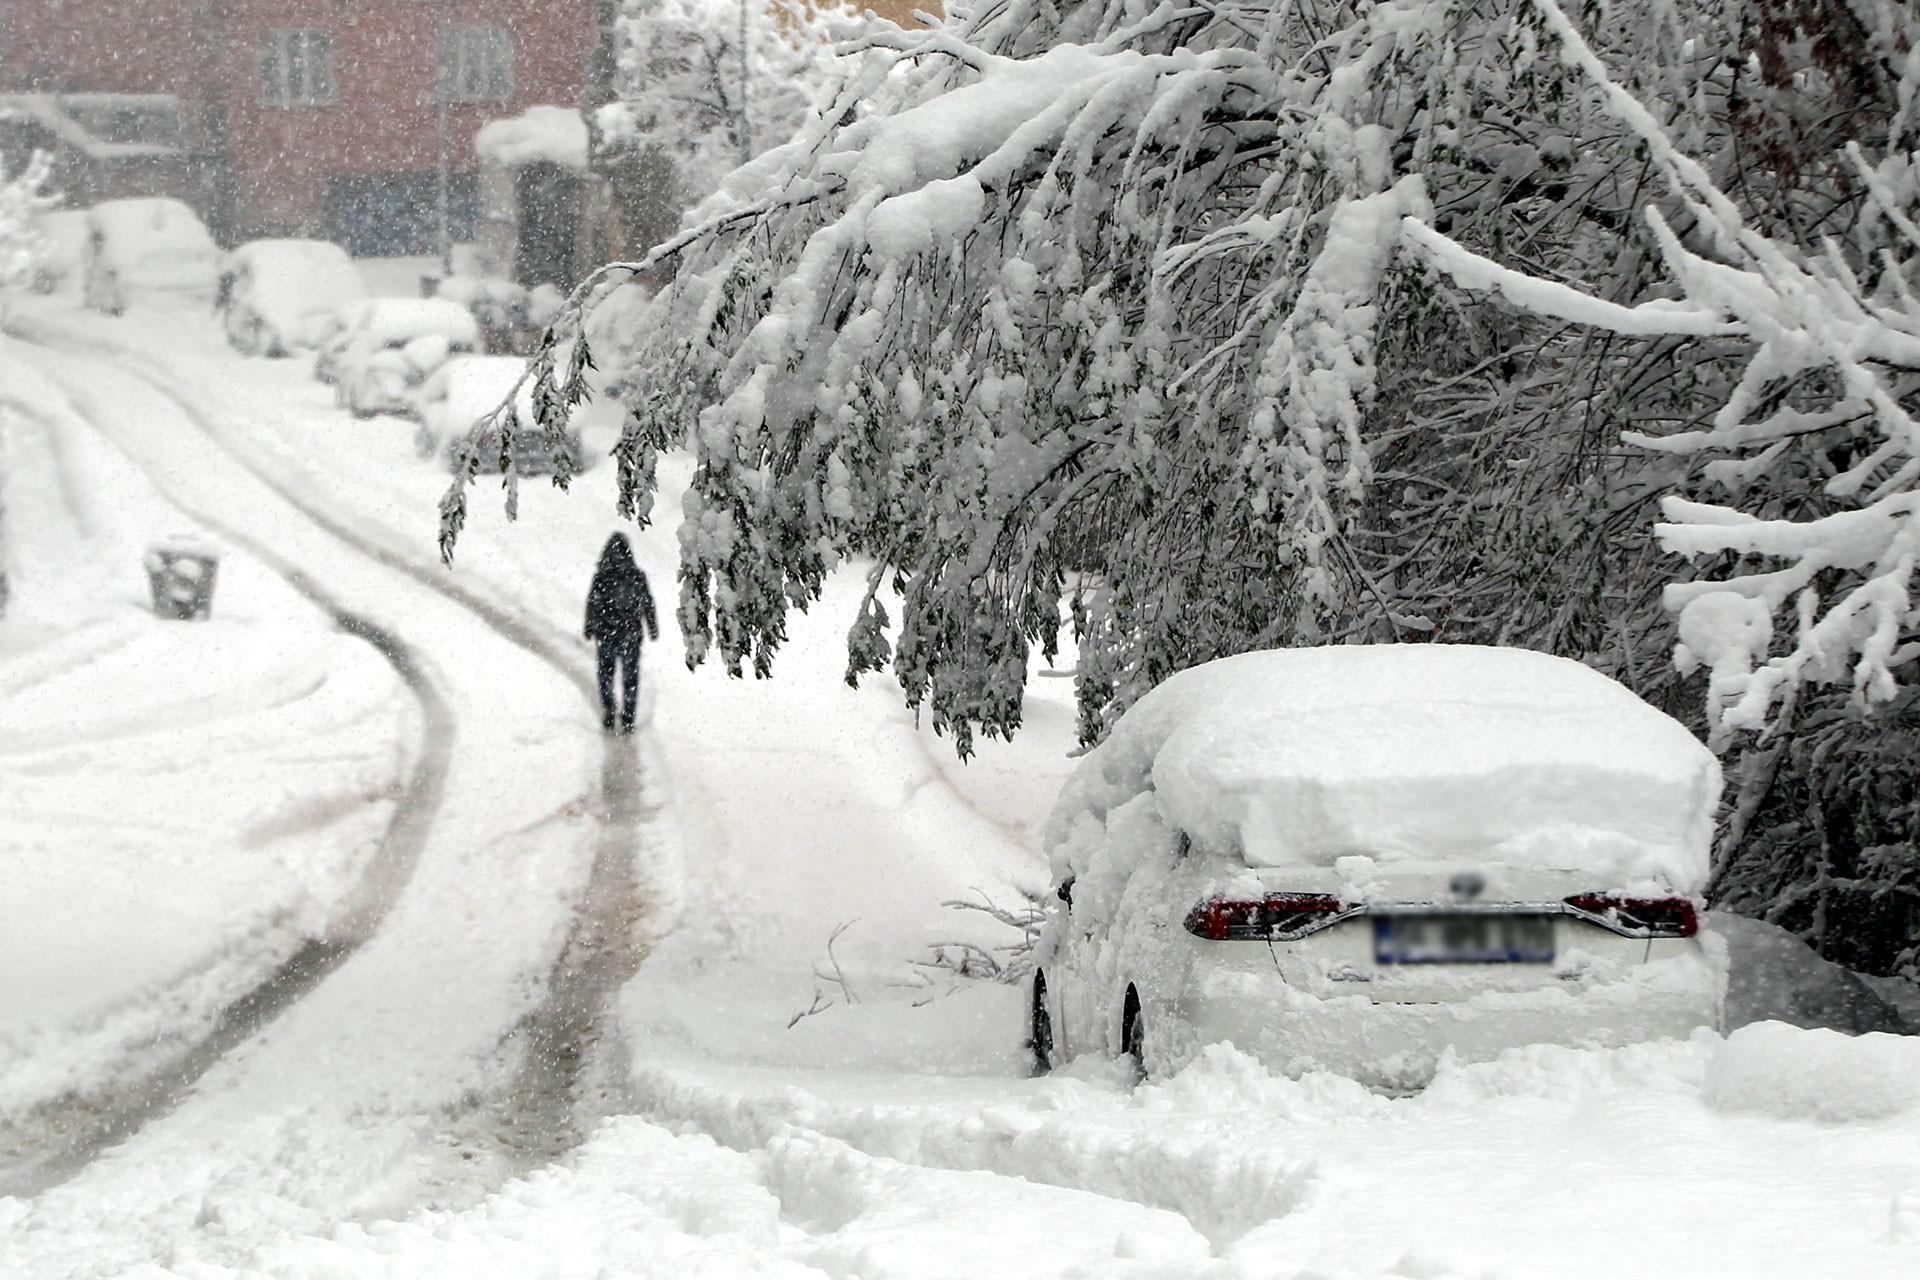 Hakkari'de kar yağışı nedeniyle karla kaplı yollar.